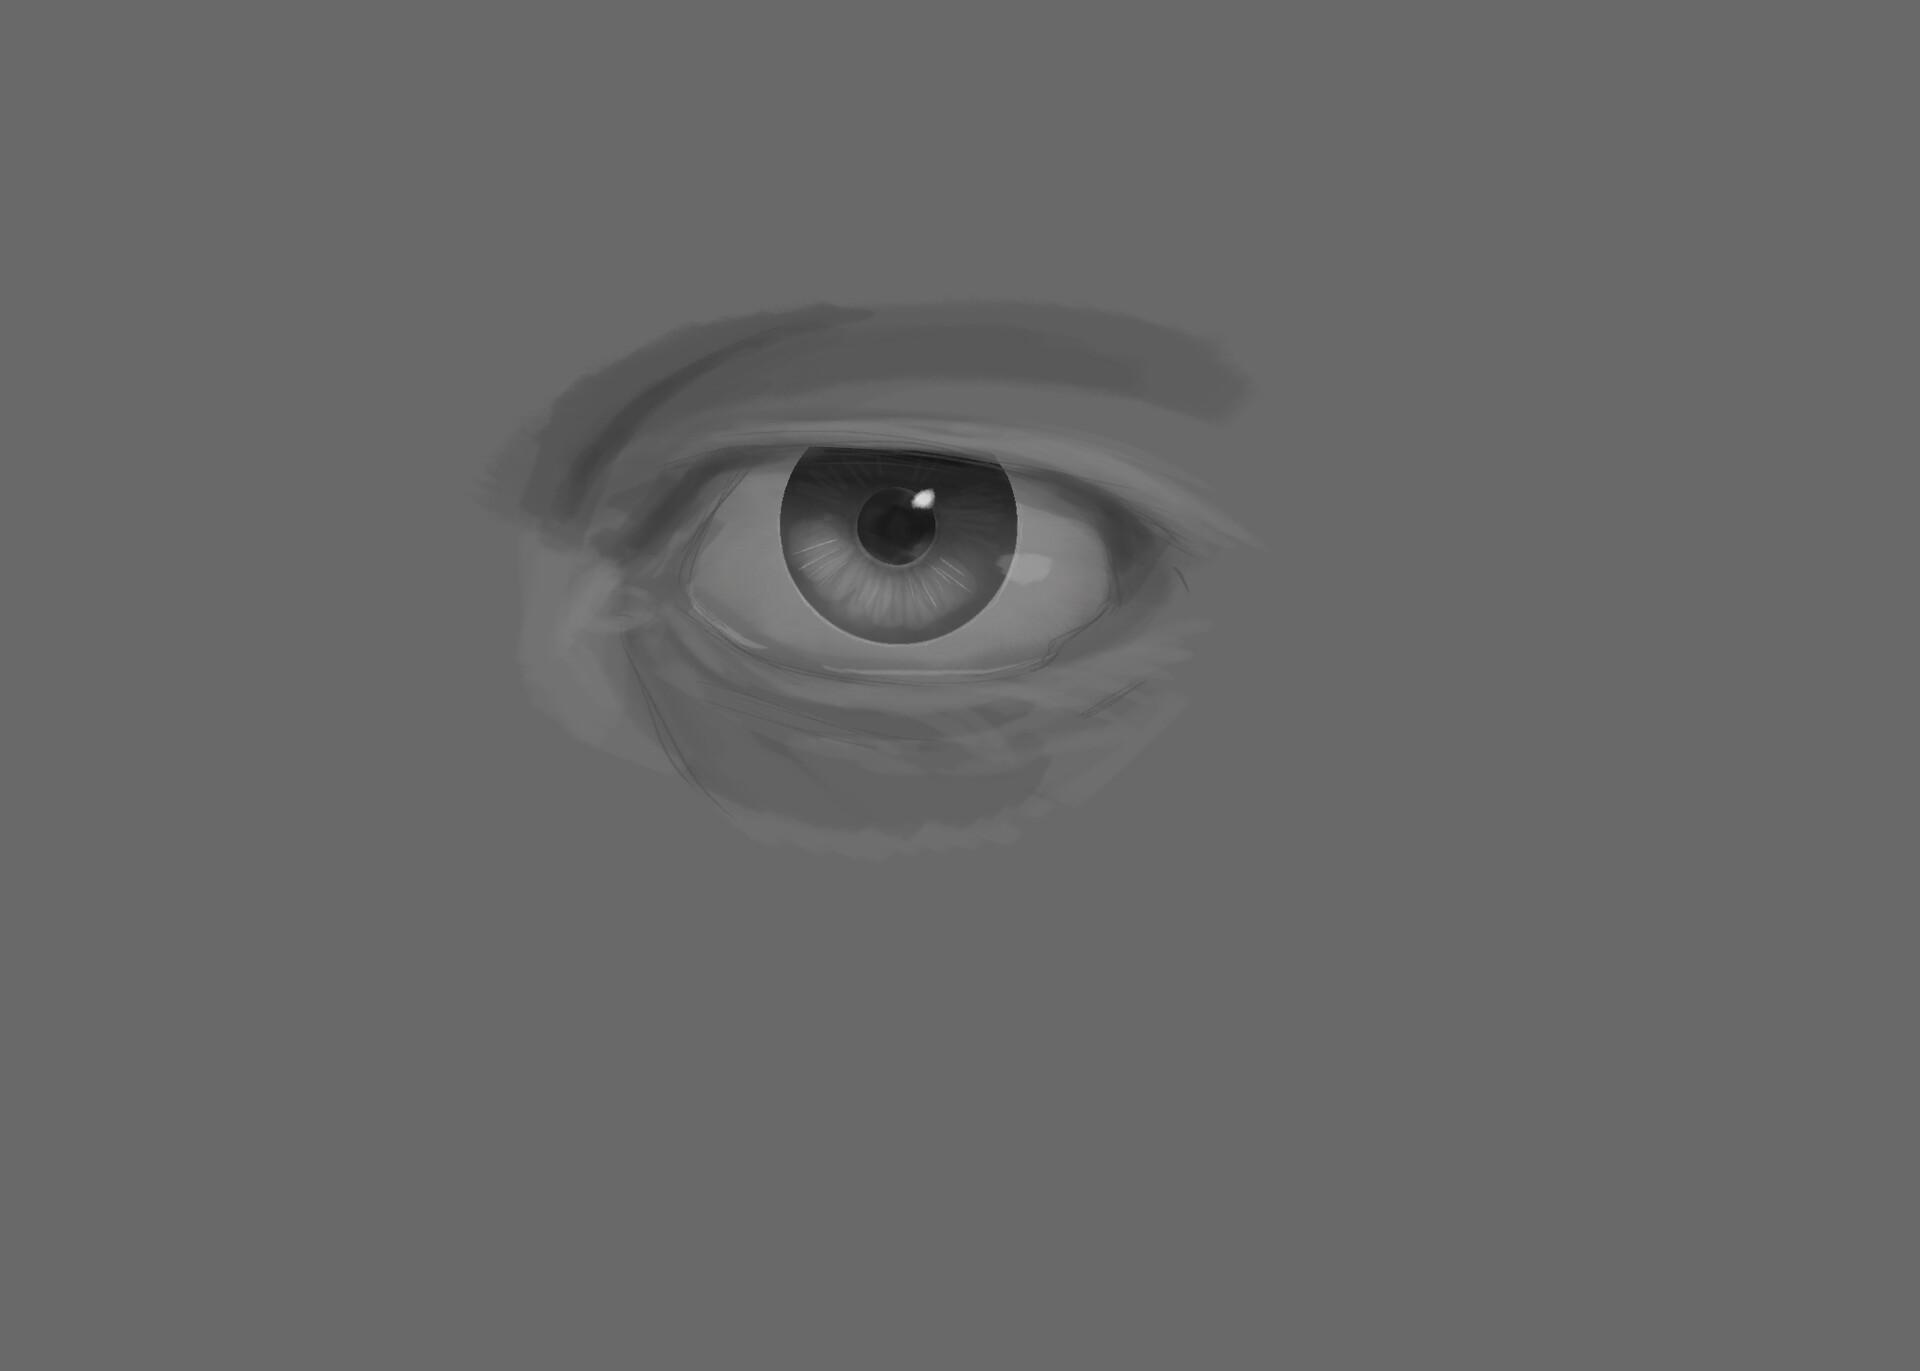 Mccal joy eye demo